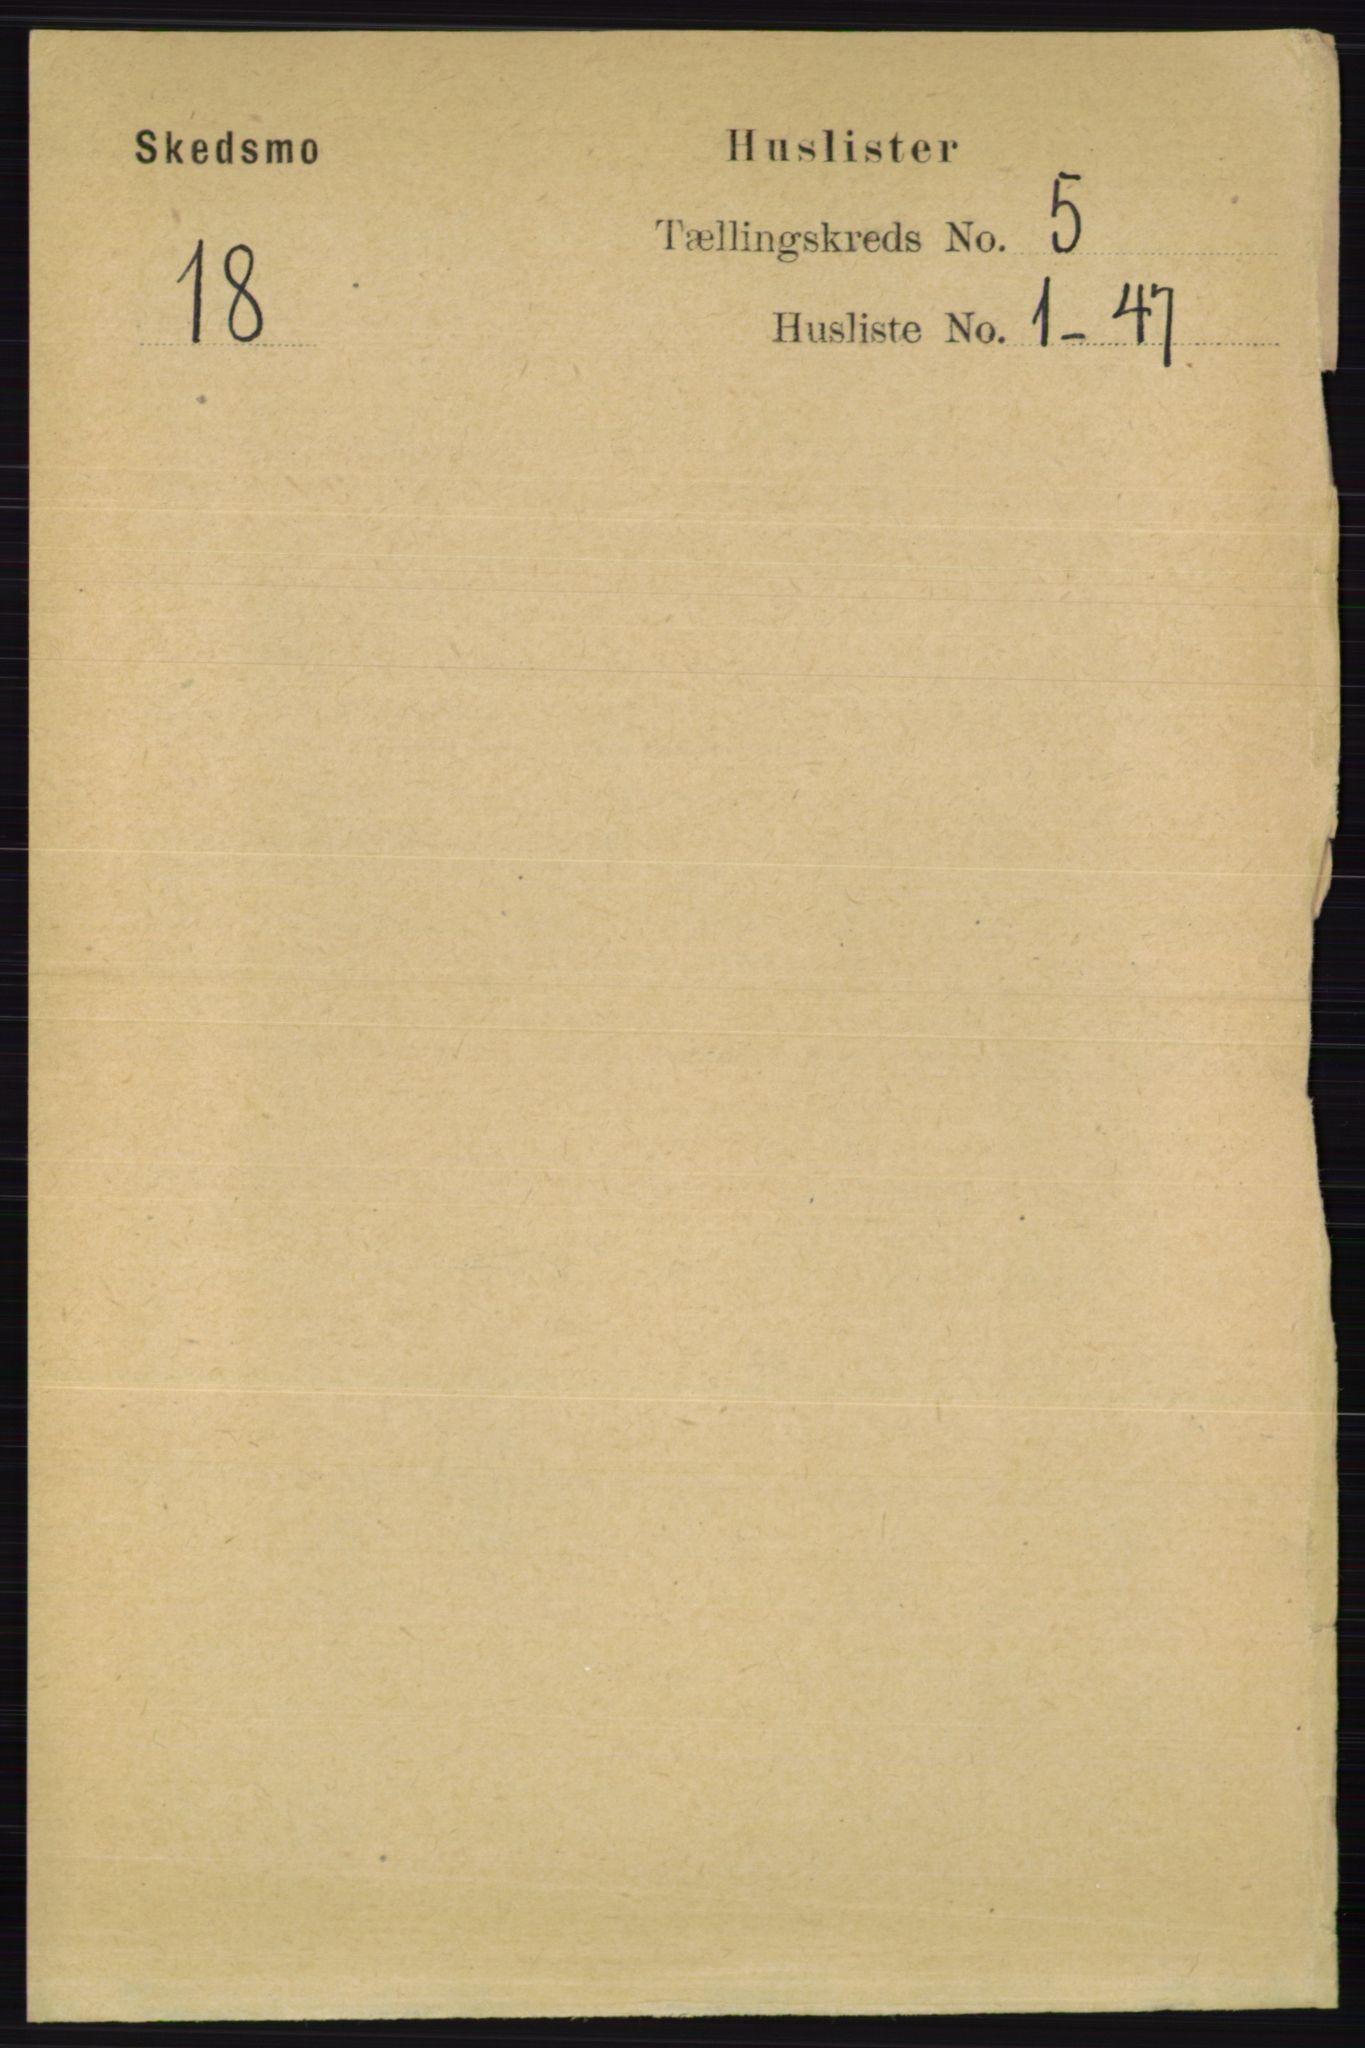 RA, Folketelling 1891 for 0231 Skedsmo herred, 1891, s. 2245